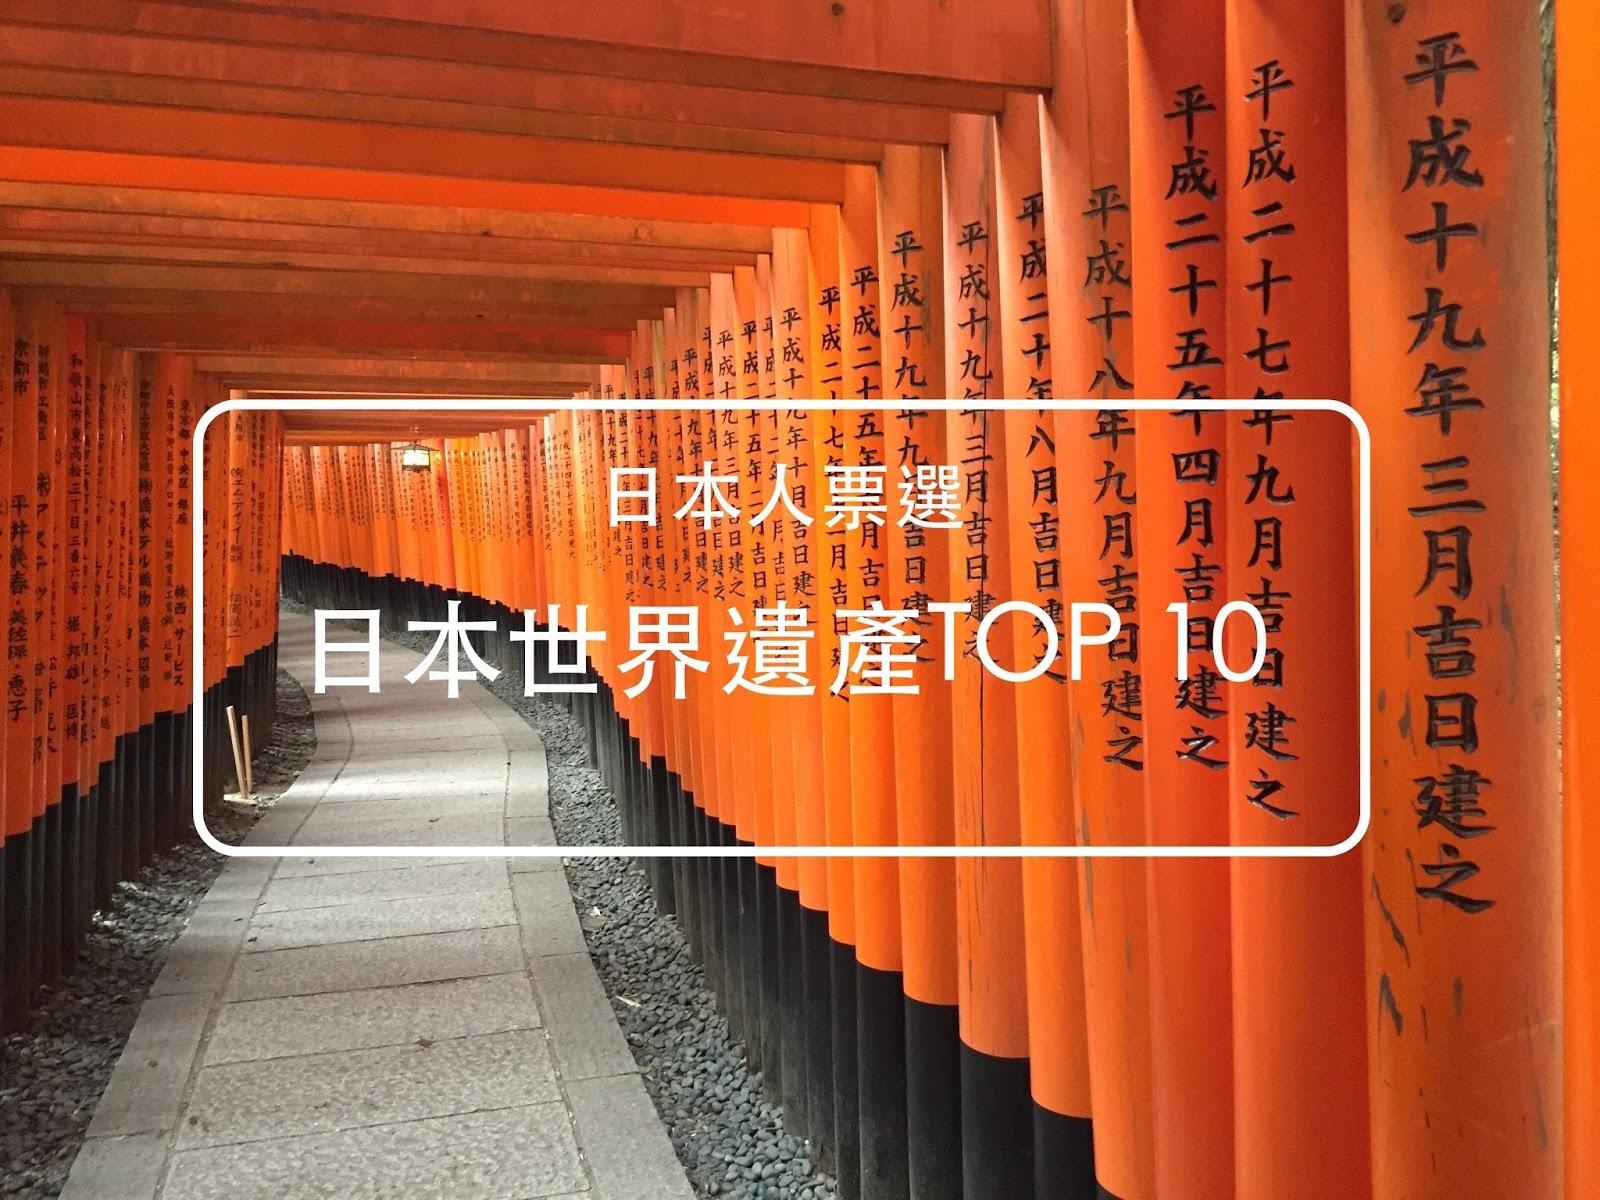 日本人心中的【世界遺產TOP 10 】,你都去過了嗎?來到日本,千萬別錯過了!